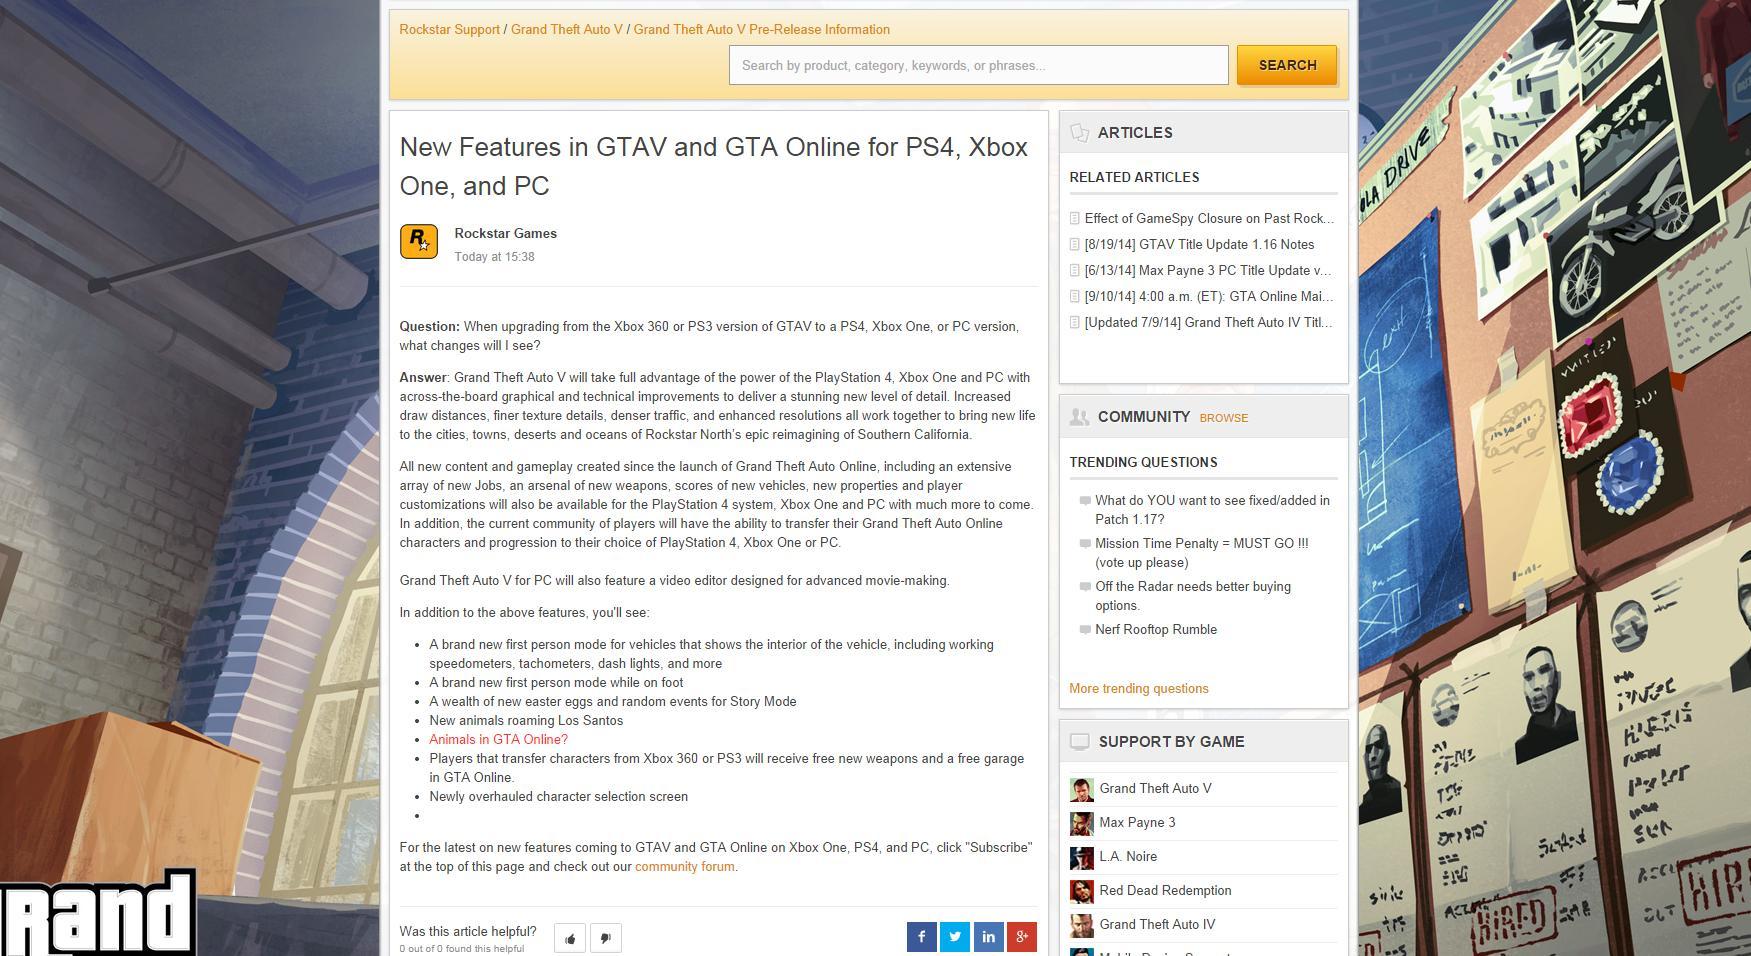 Rockstar случайно рассказала о видео от первого лица для GTA 5. - Изображение 1